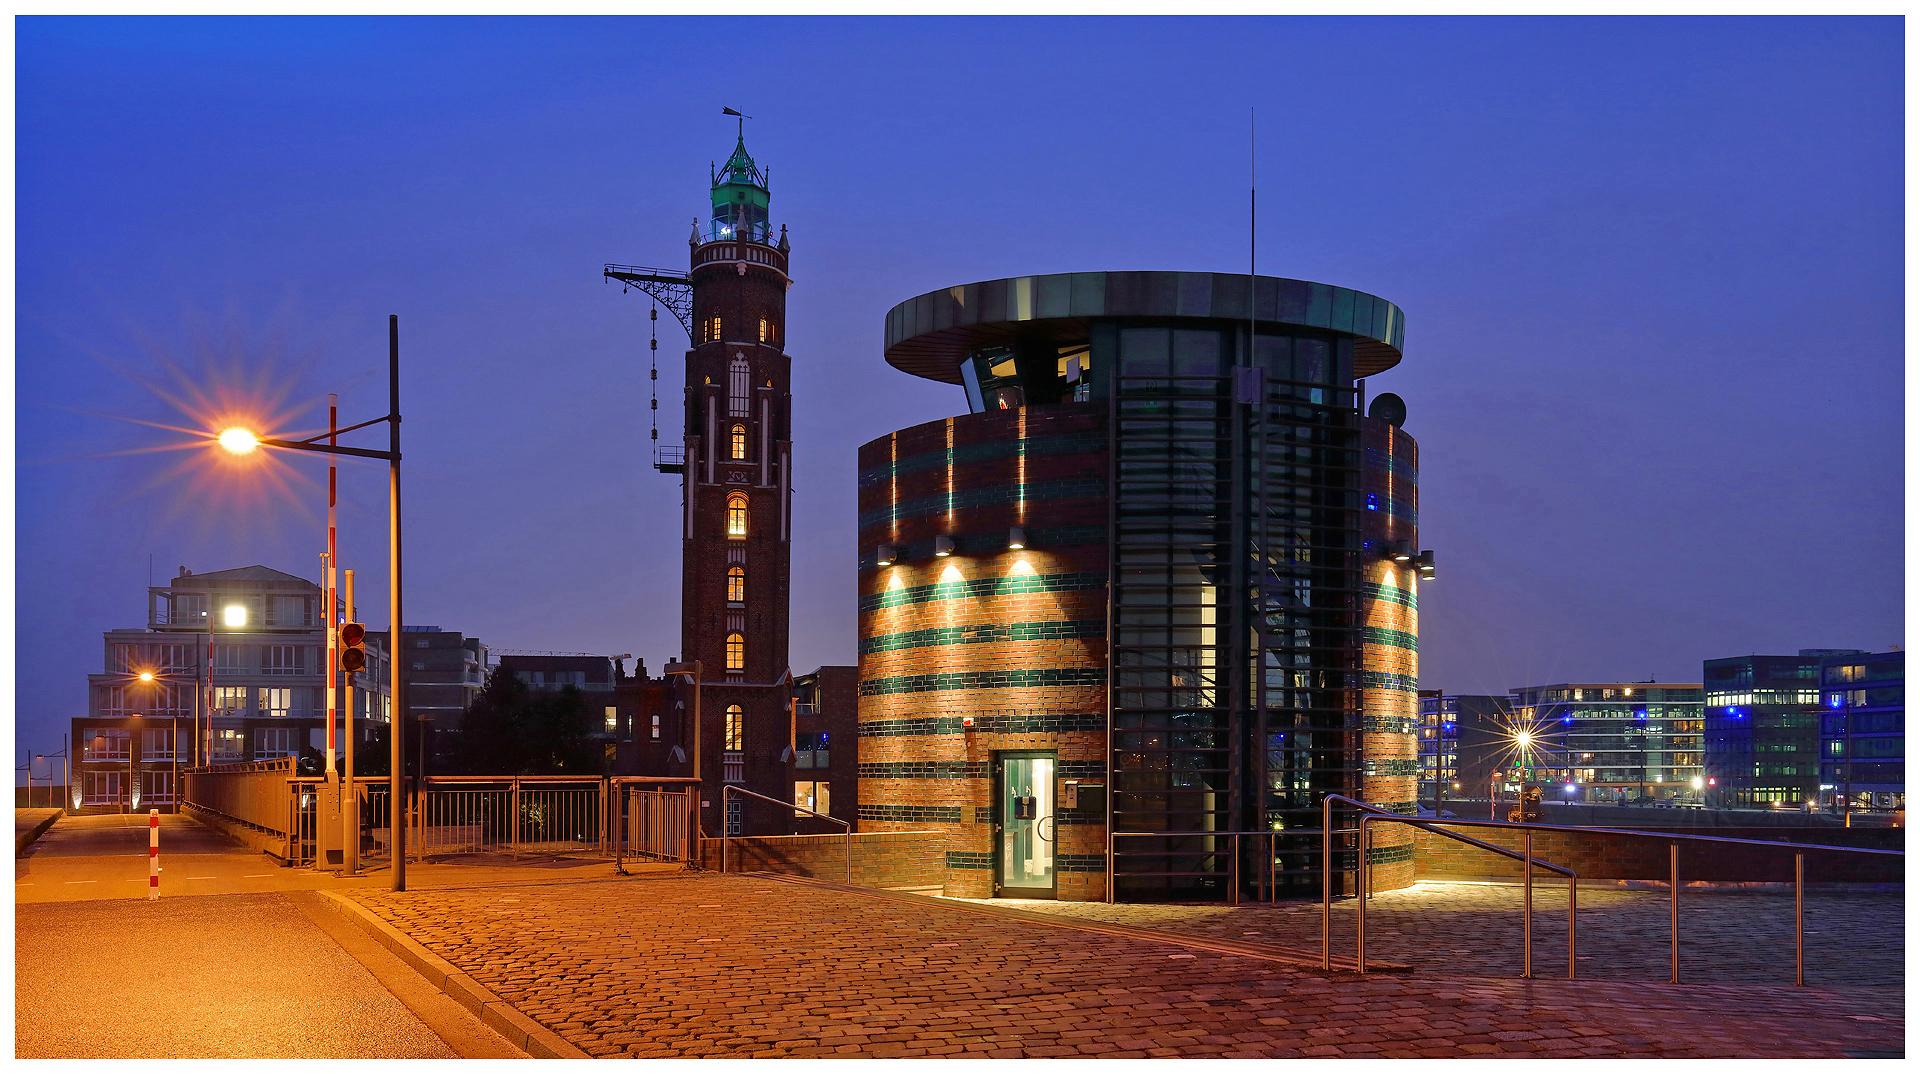 """Teil --39--: Havenwelten Bremerhaven am 22.2.2018 """"Lichter und Architektur"""